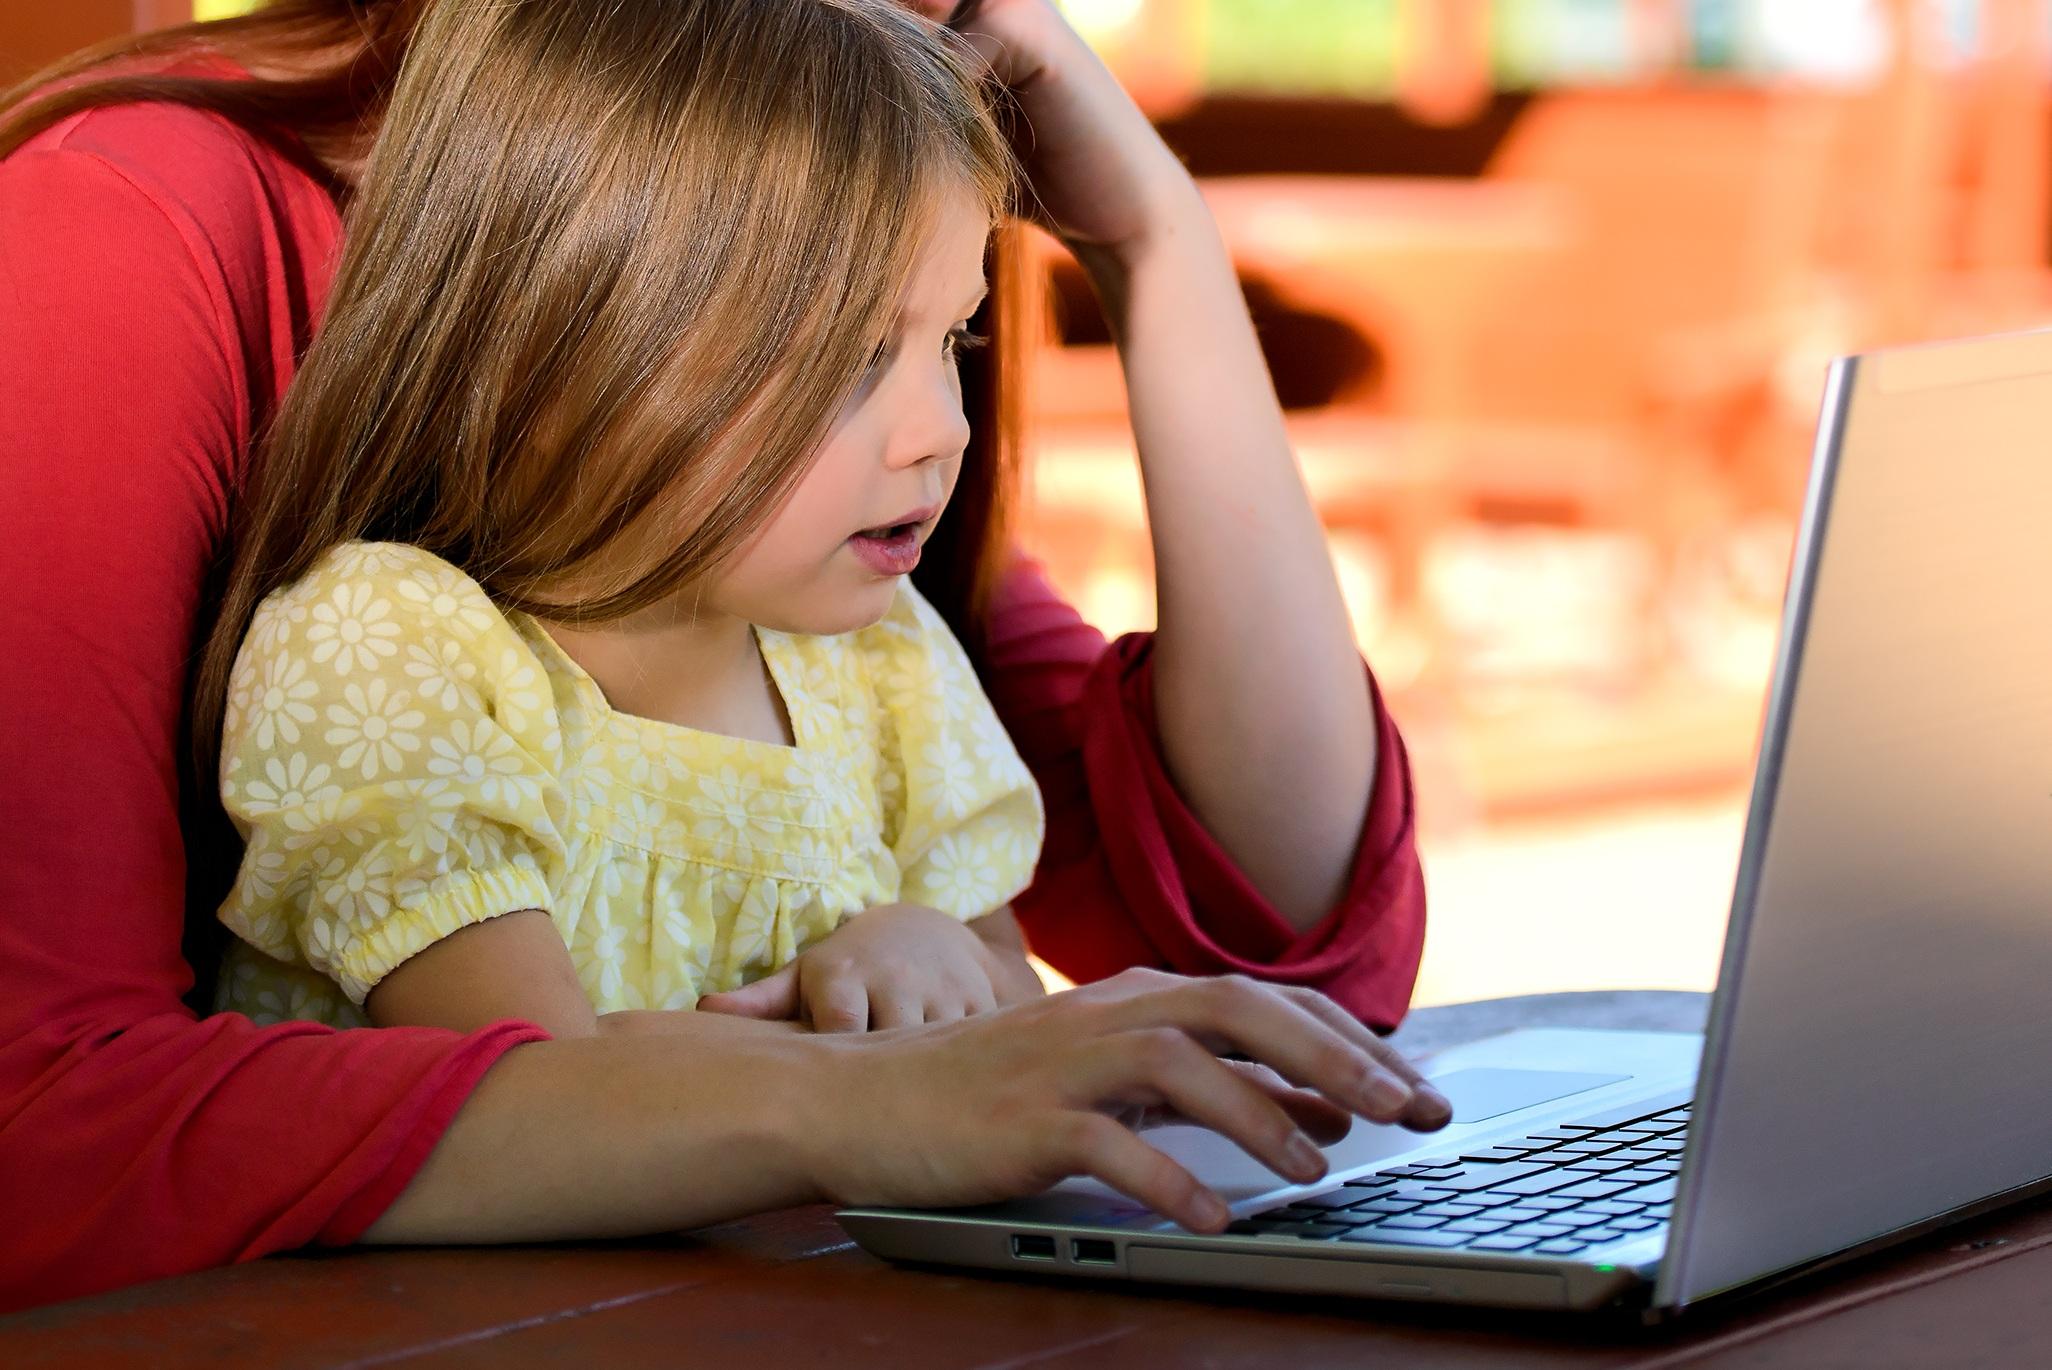 Une petite fille découvre l'informatique avec sa mère sur un ordinateur portable